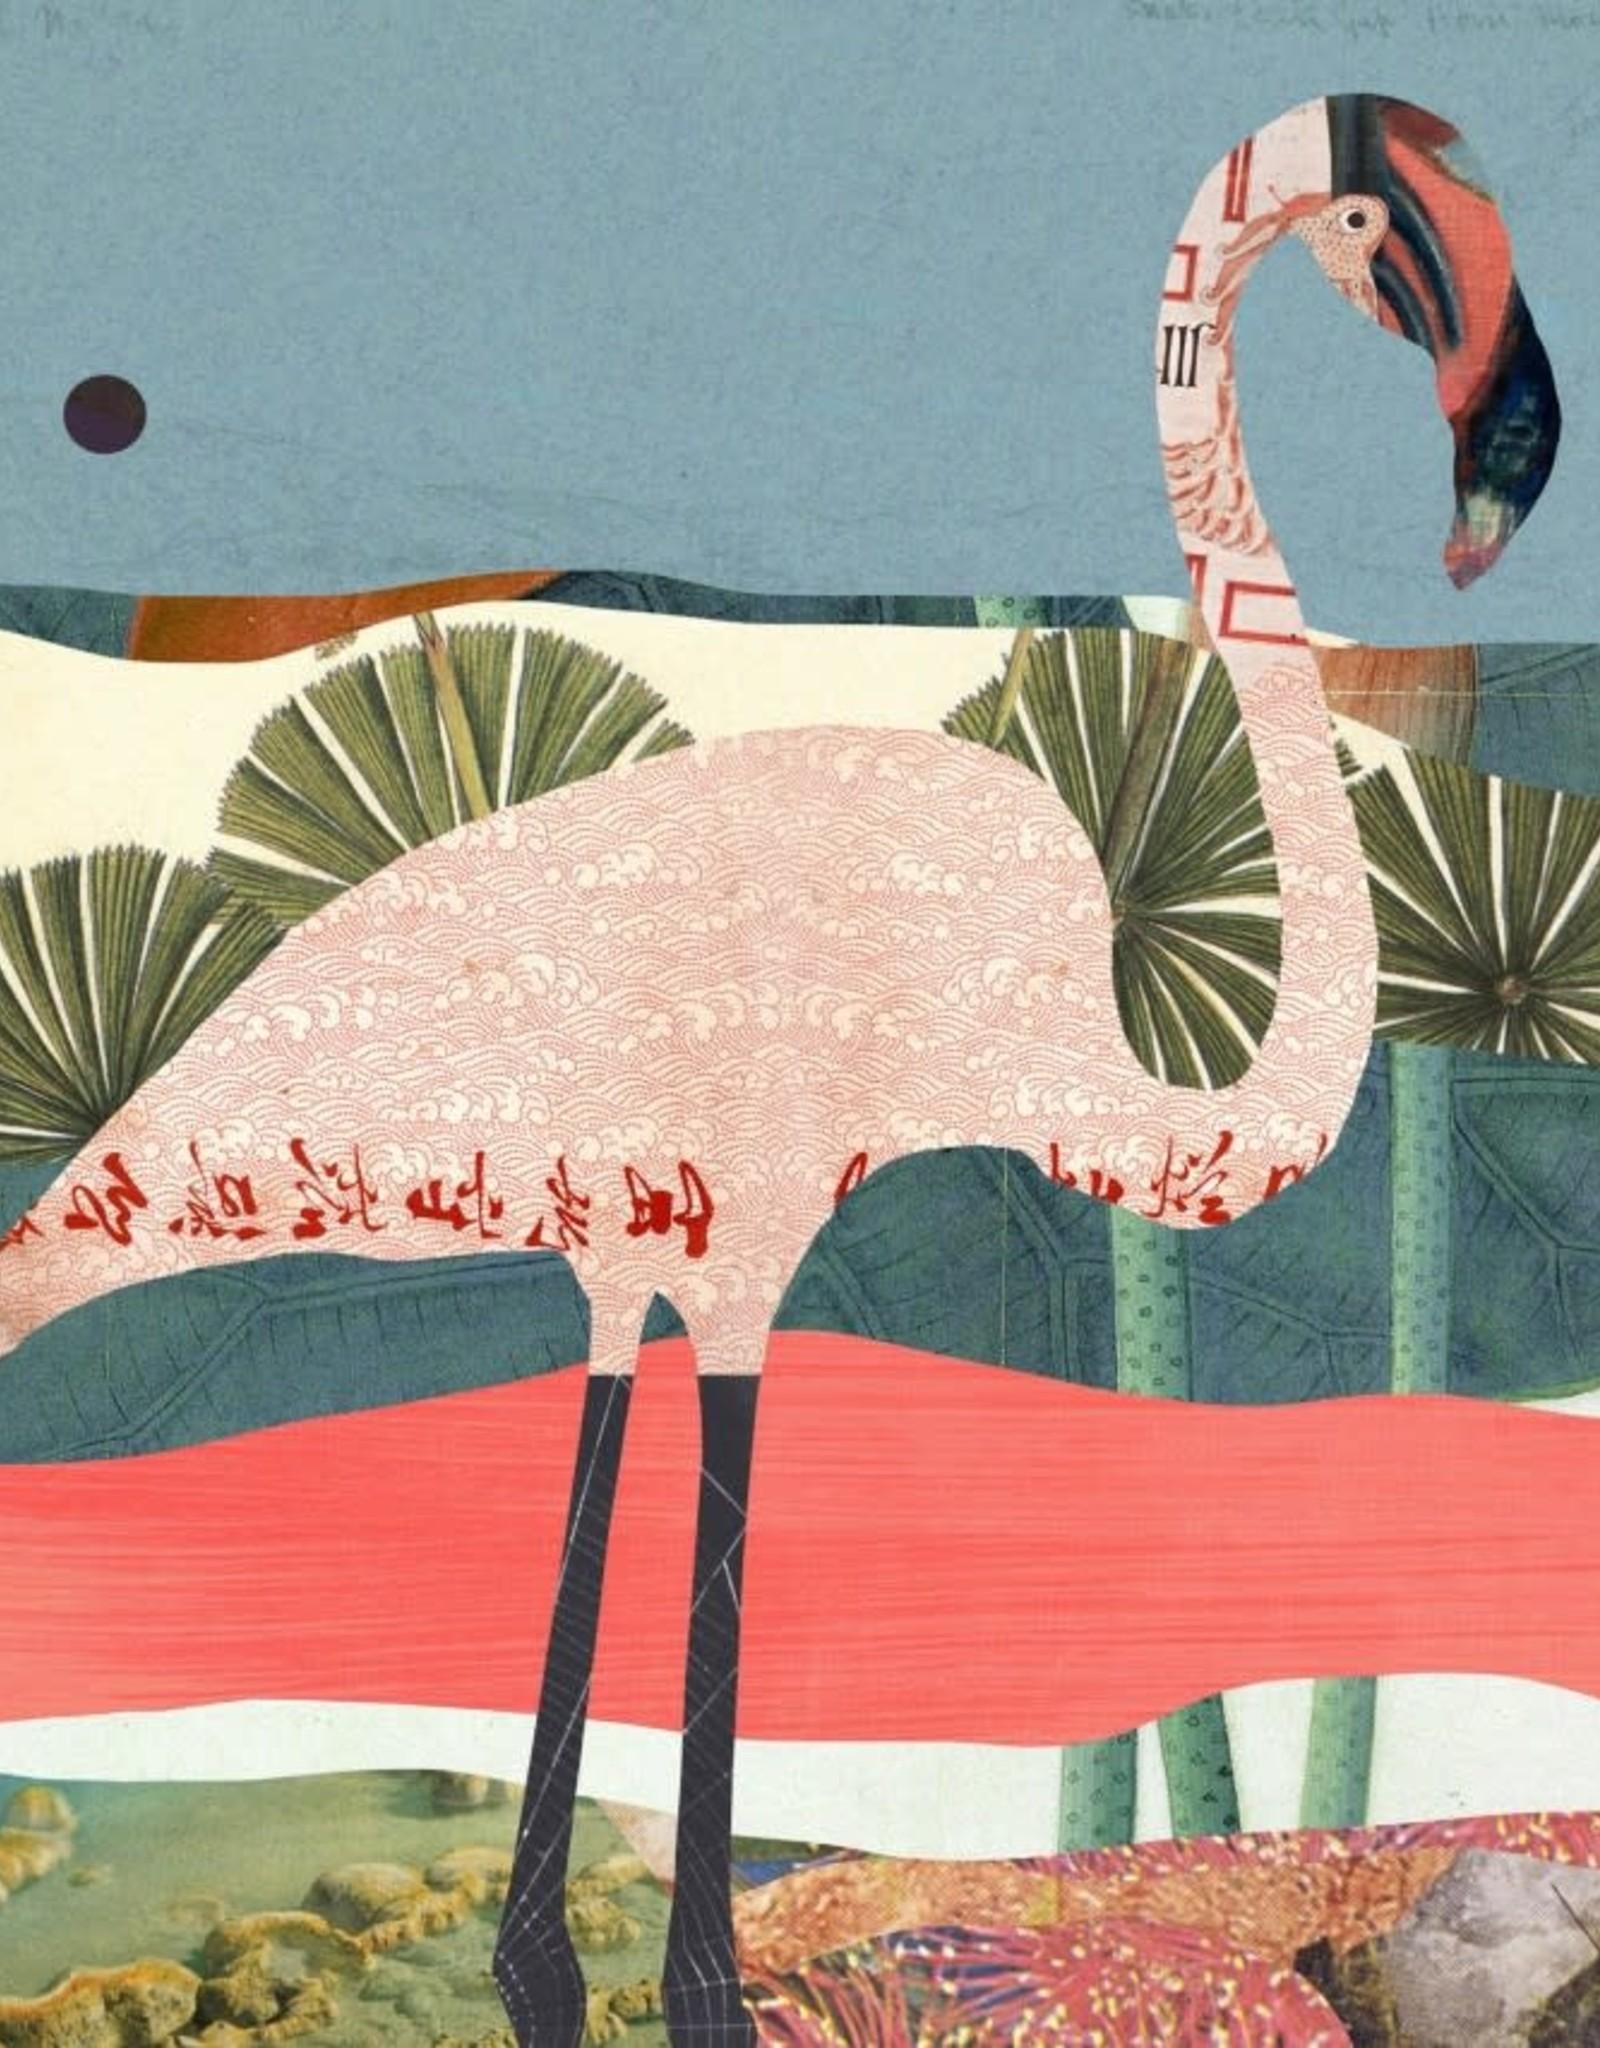 DRÉA Collage Affiche 11x14 Flamingo Dréa Collage